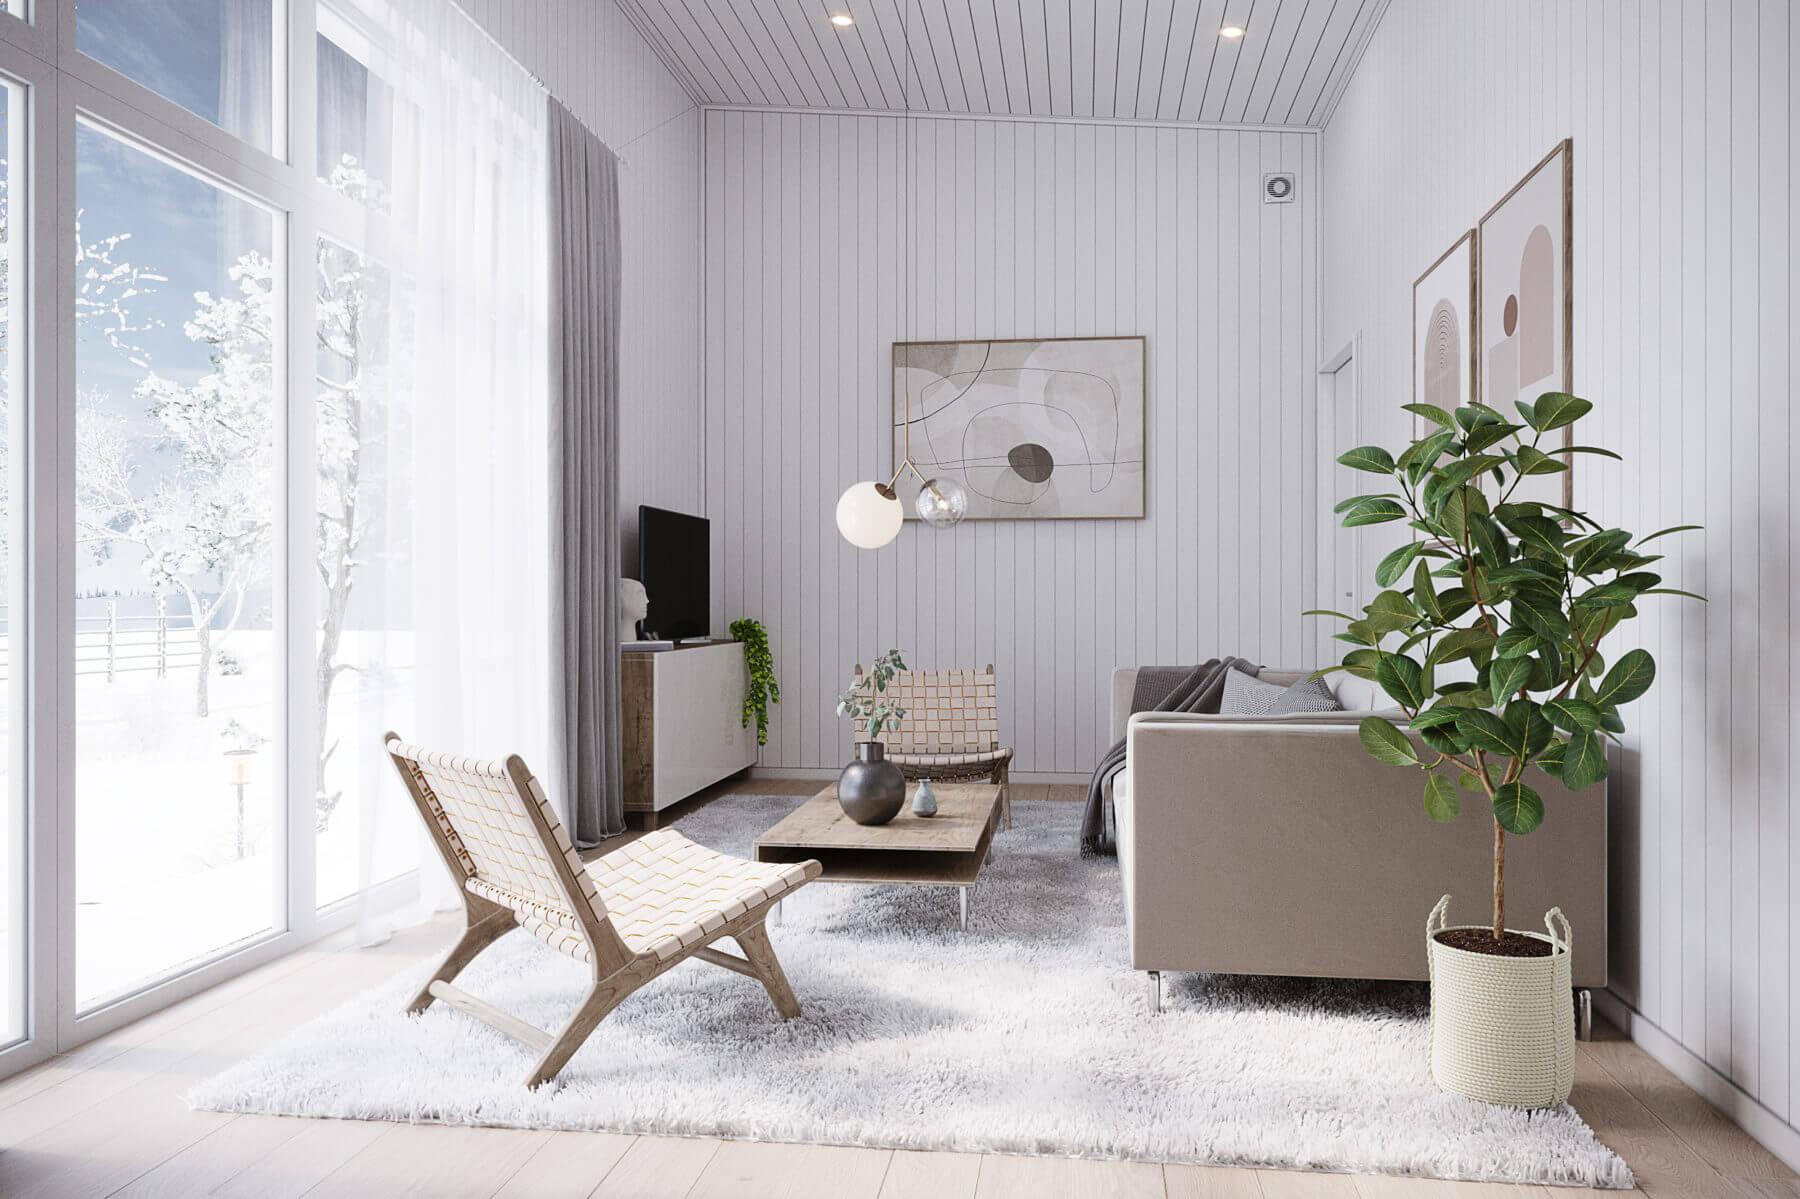 Fritidshus Pulpet 40.2 vardagsrum med soffa, soffbord och tv stående på tv-bänk